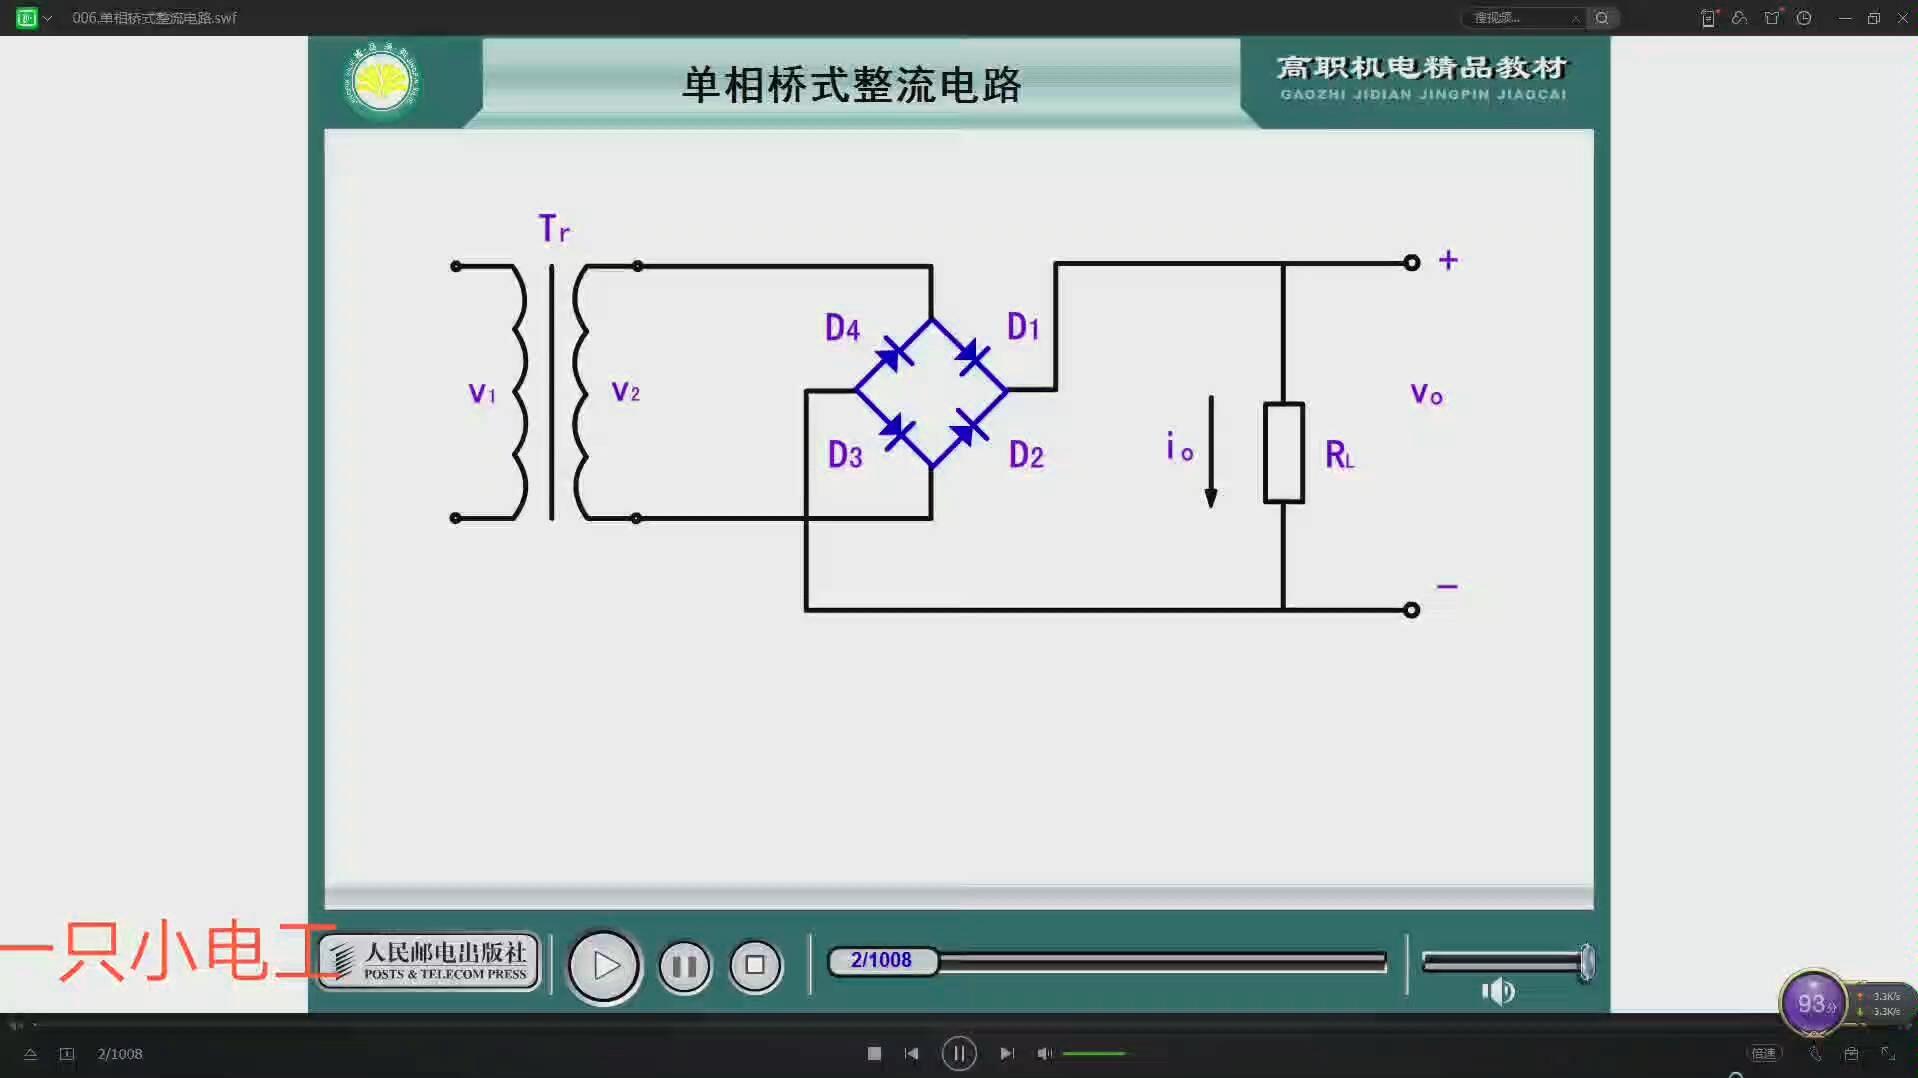 单相电表工作原理_单相桥式整流电路的工作原理是什么?_哔哩哔哩 (゜-゜)つロ 干 ...